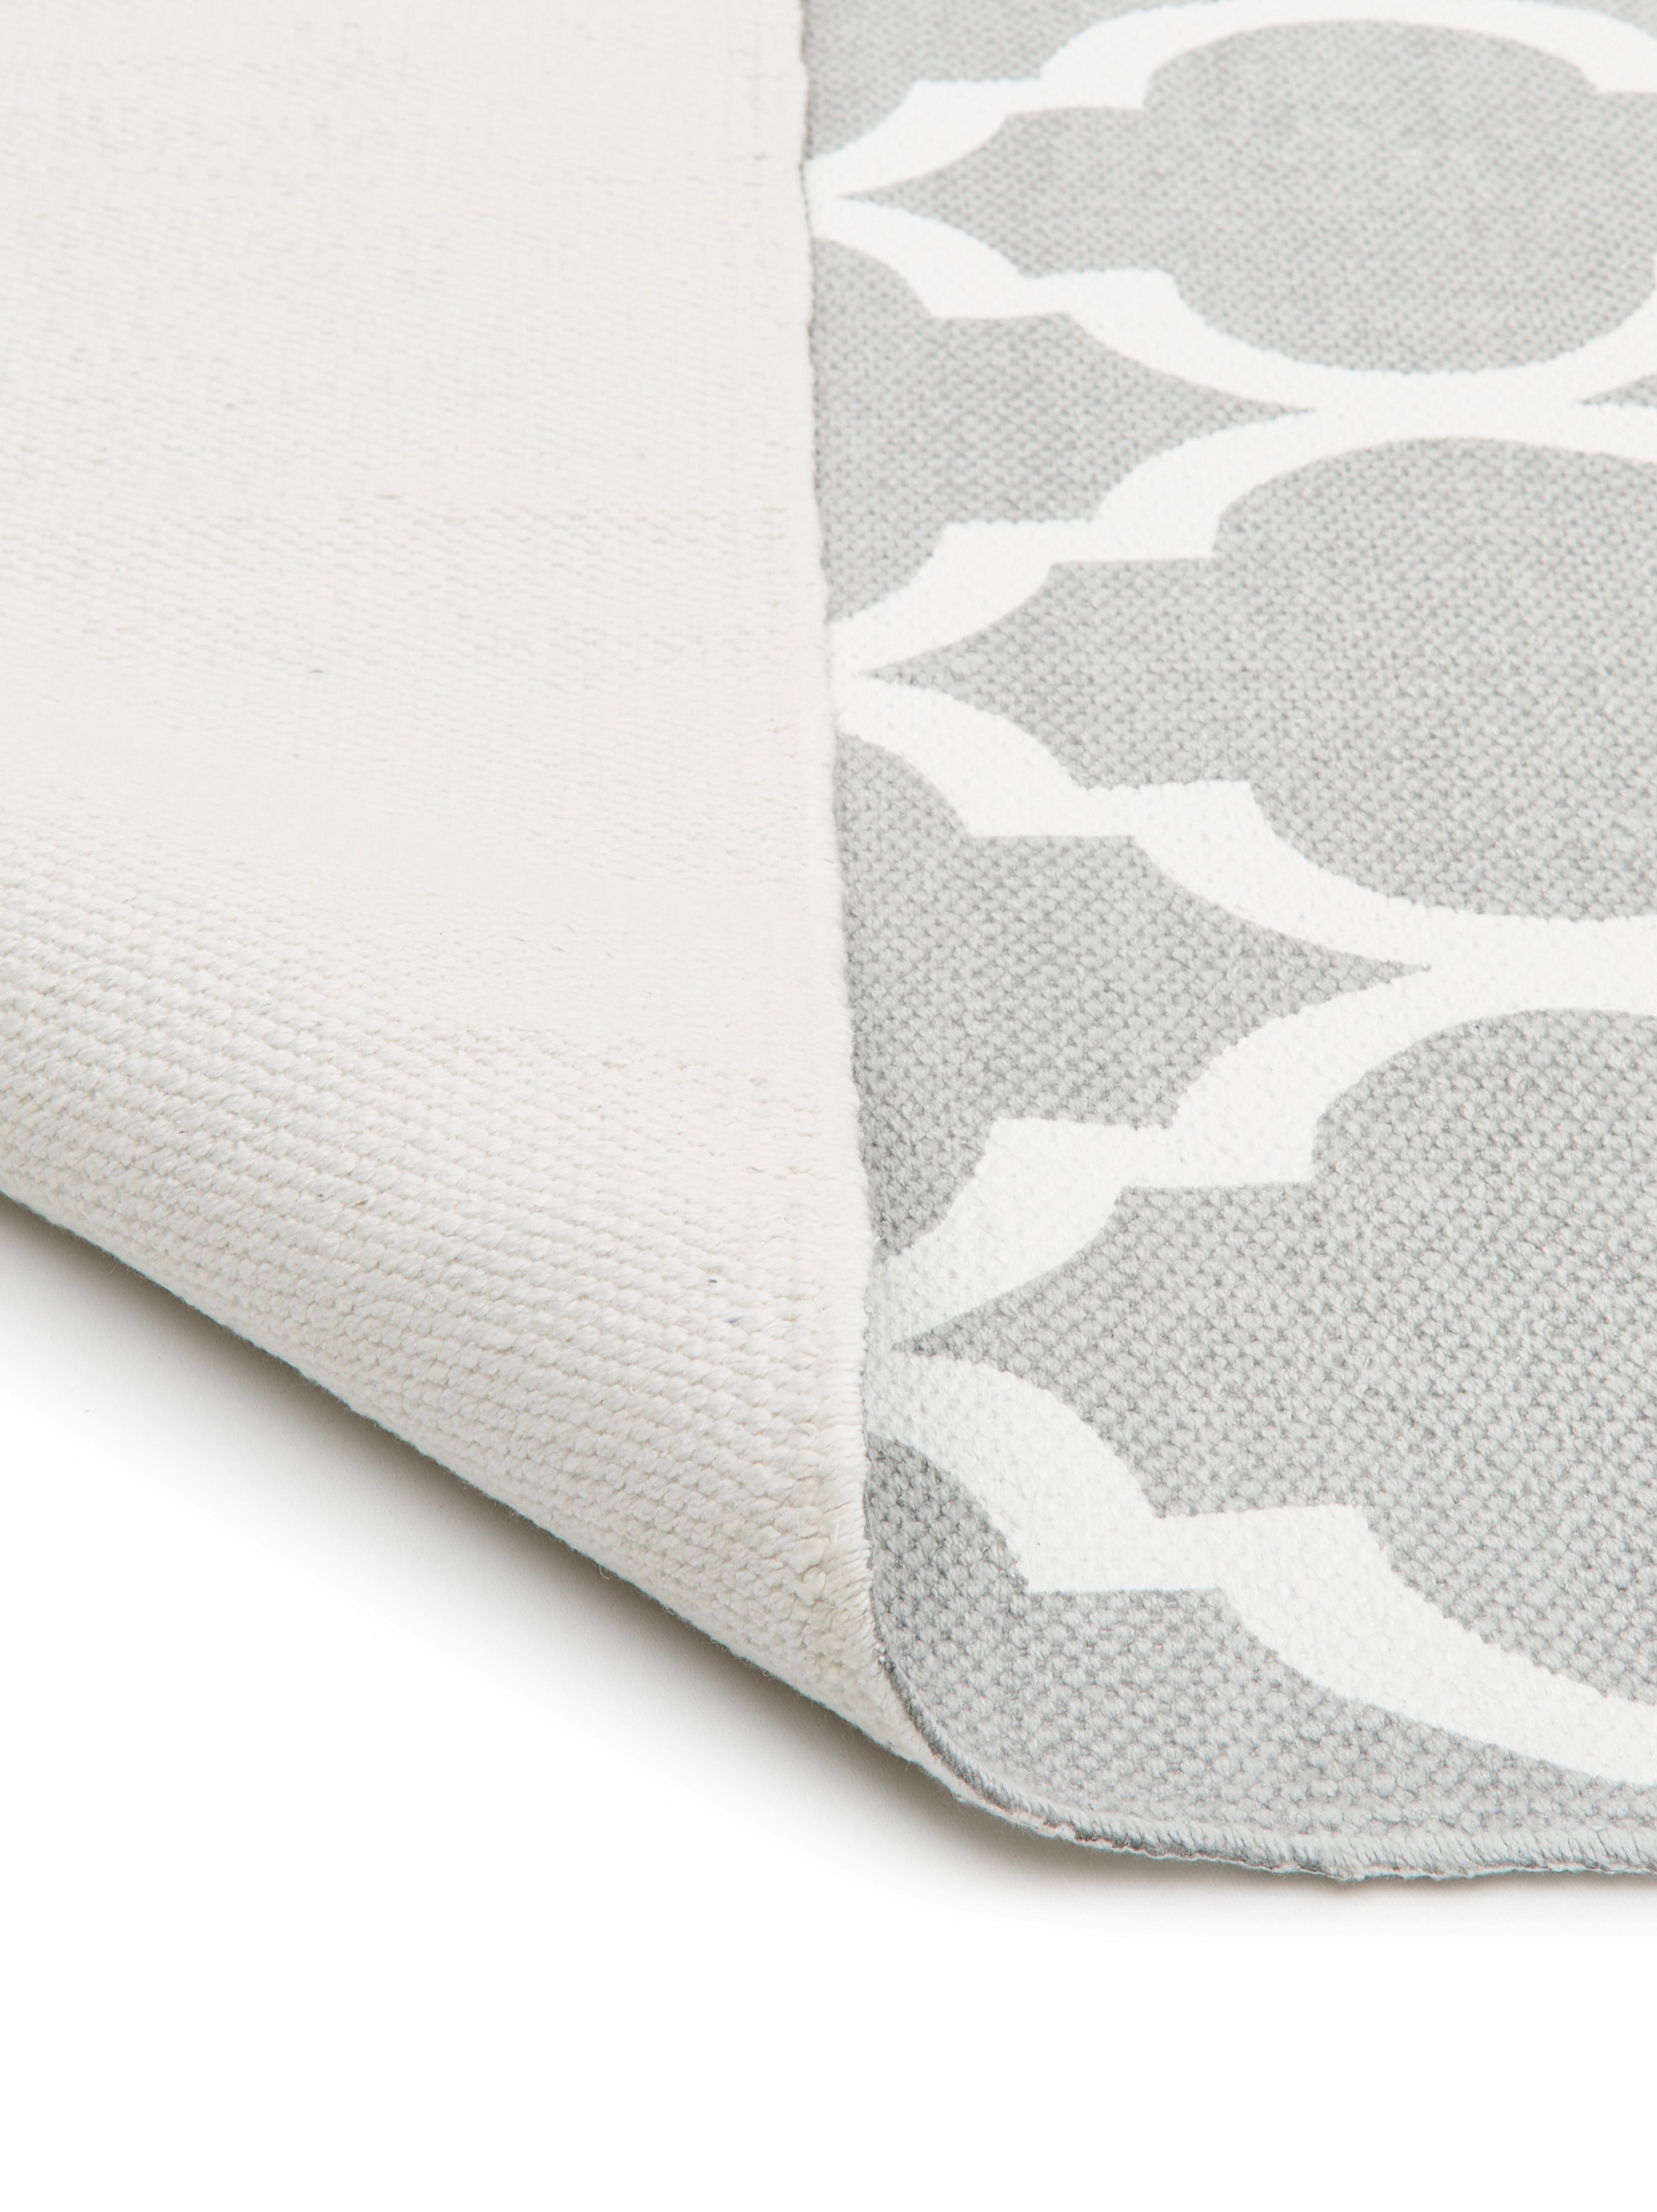 Tappeto in cotone tessuto a mano Amira, 100% cotone, Grigio chiaro, bianco crema, Larg. 70 x Lung. 140 cm (taglia XS)